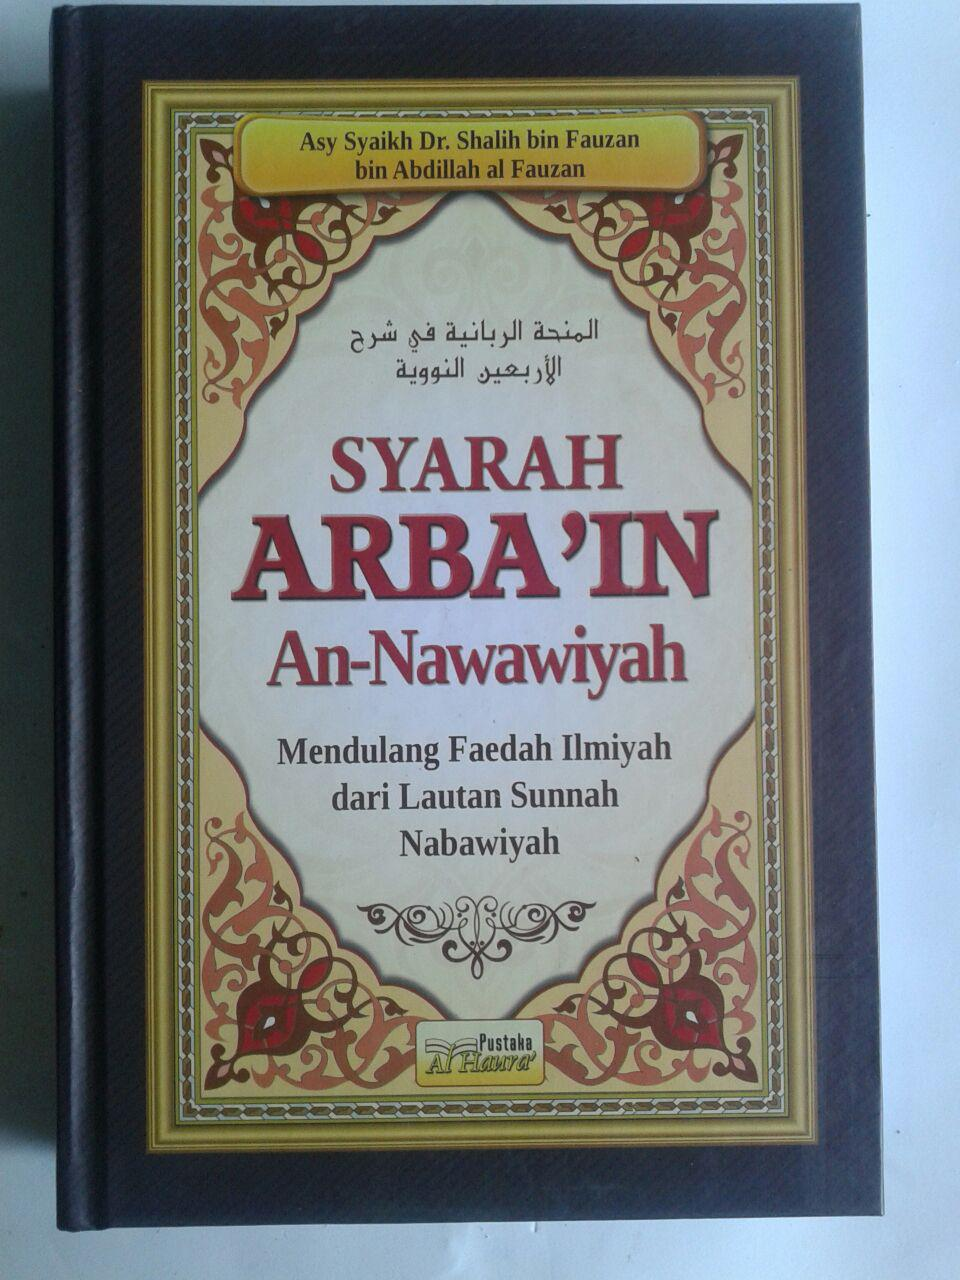 Buku Syarah Arbain An-Nawawiyah Mendulang Faedah Ilmiyah cover 2